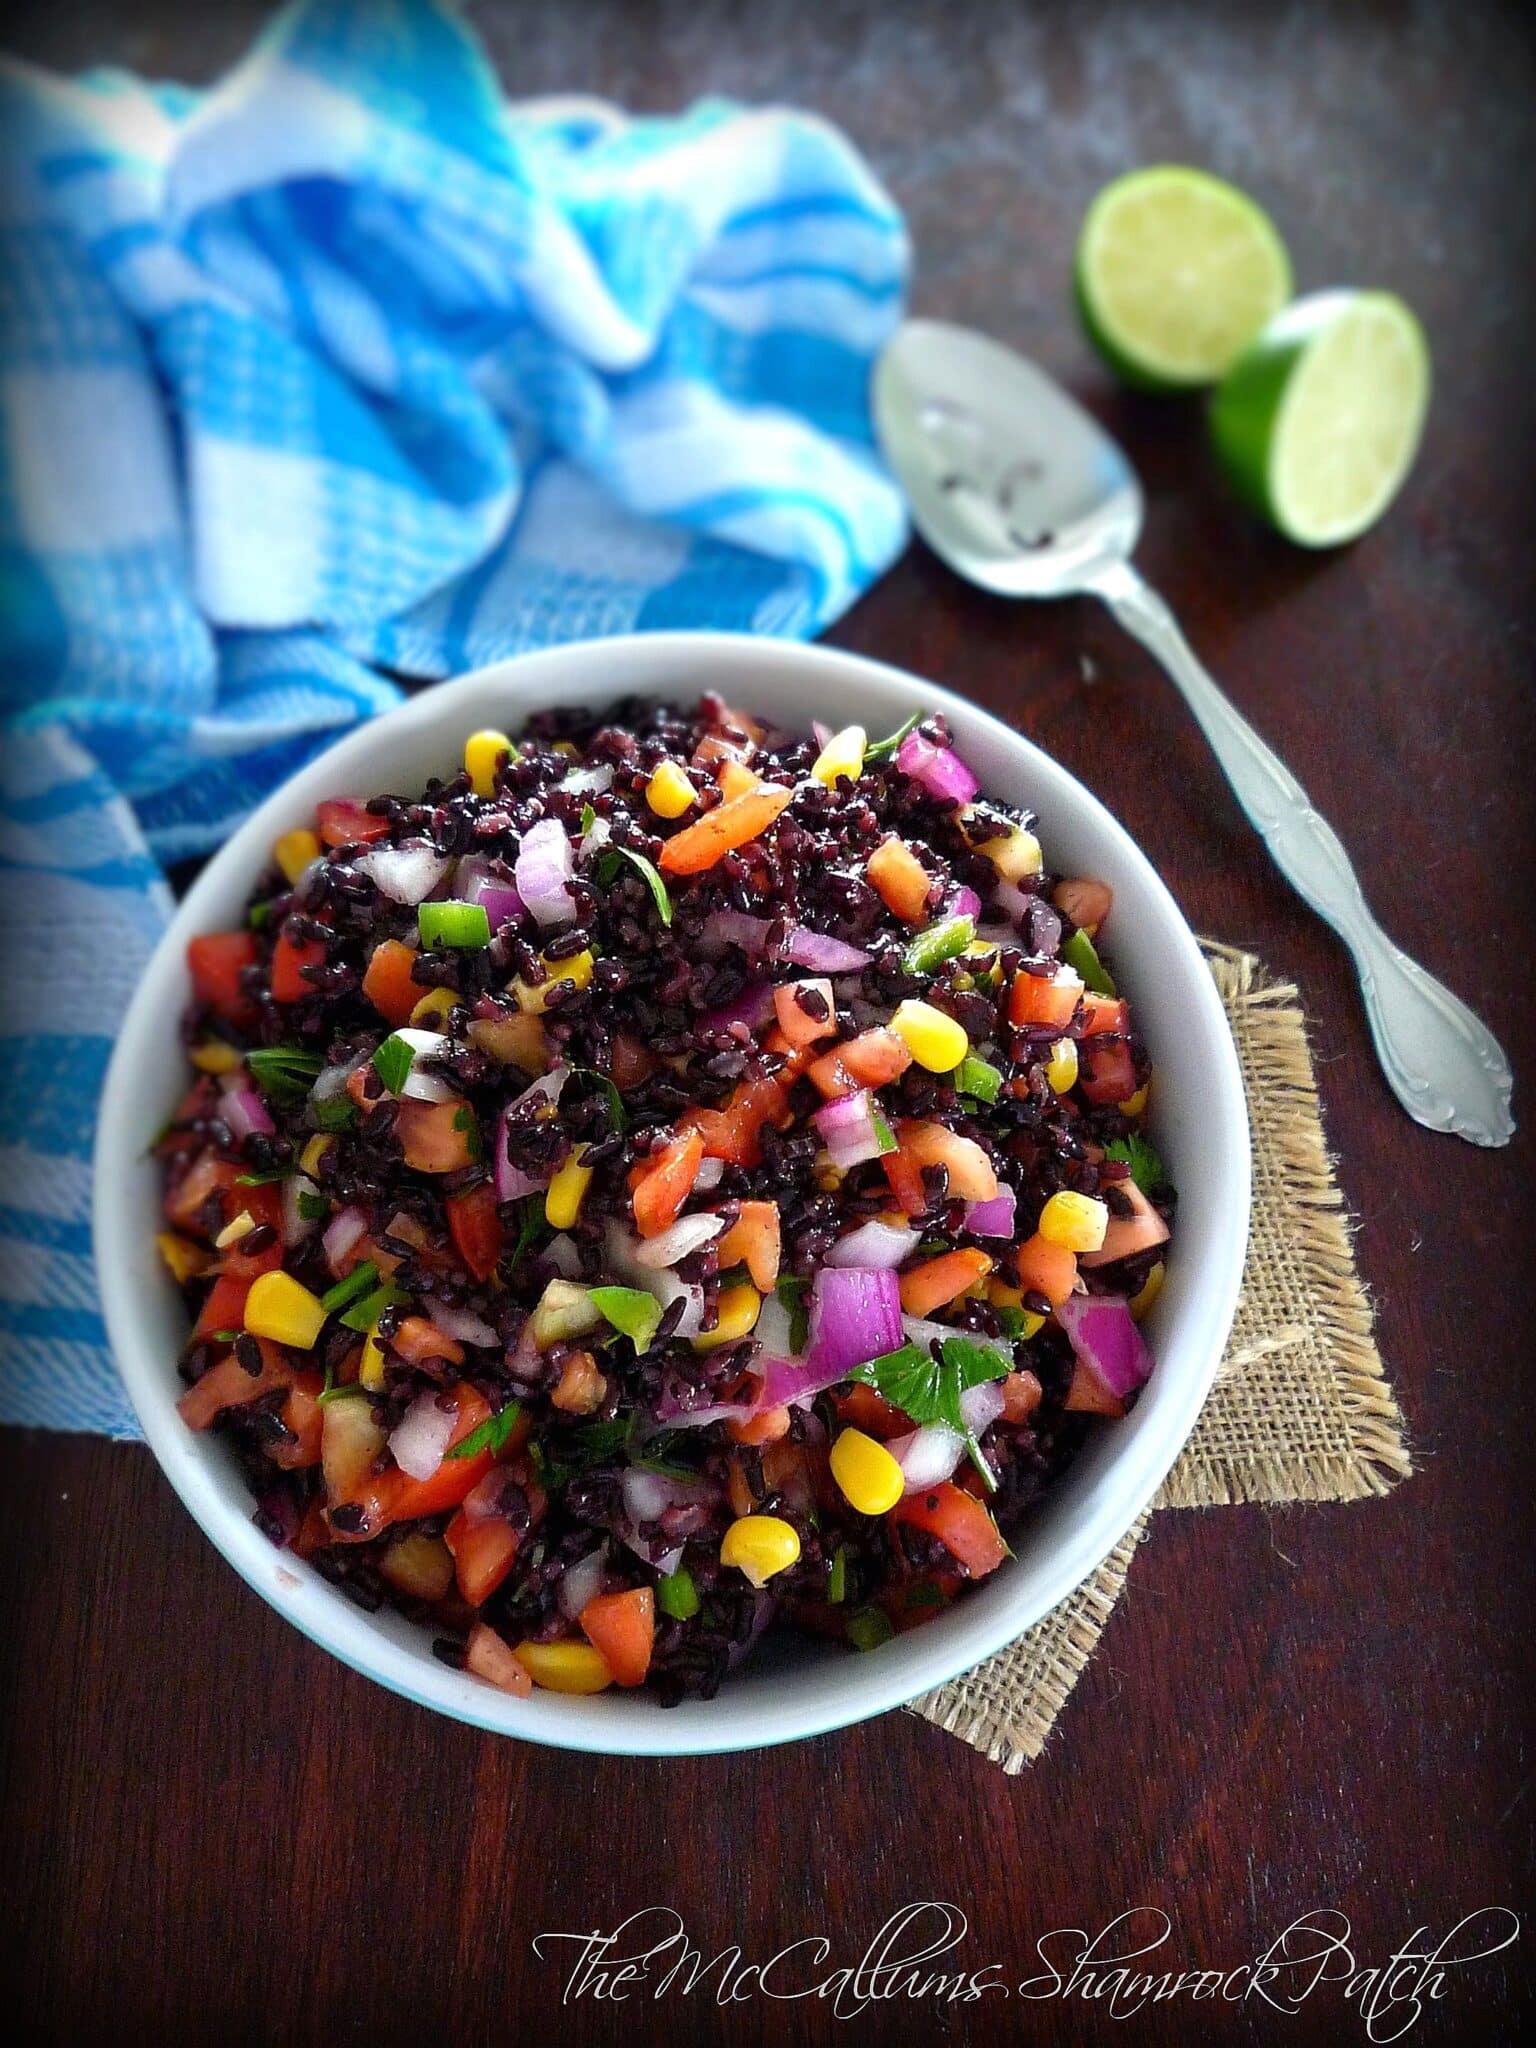 Simple Black Jasmine Rice Salad